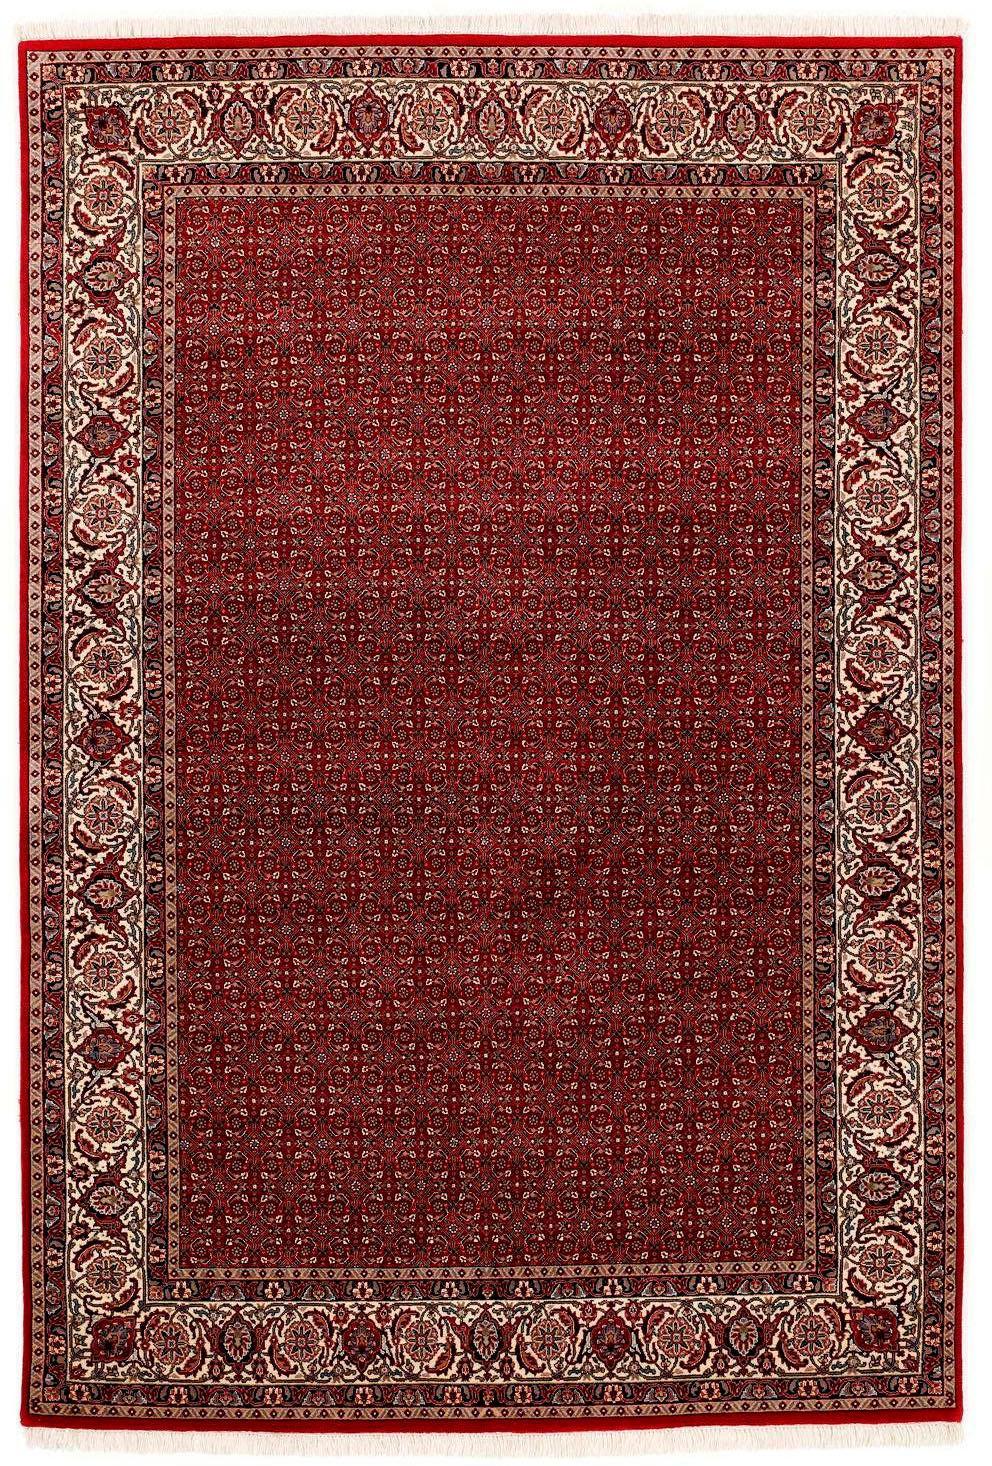 Teppich Sultan Herati OCI DIE TEPPICHMARKE rechteckig Höhe 5 mm manuell geknüpft